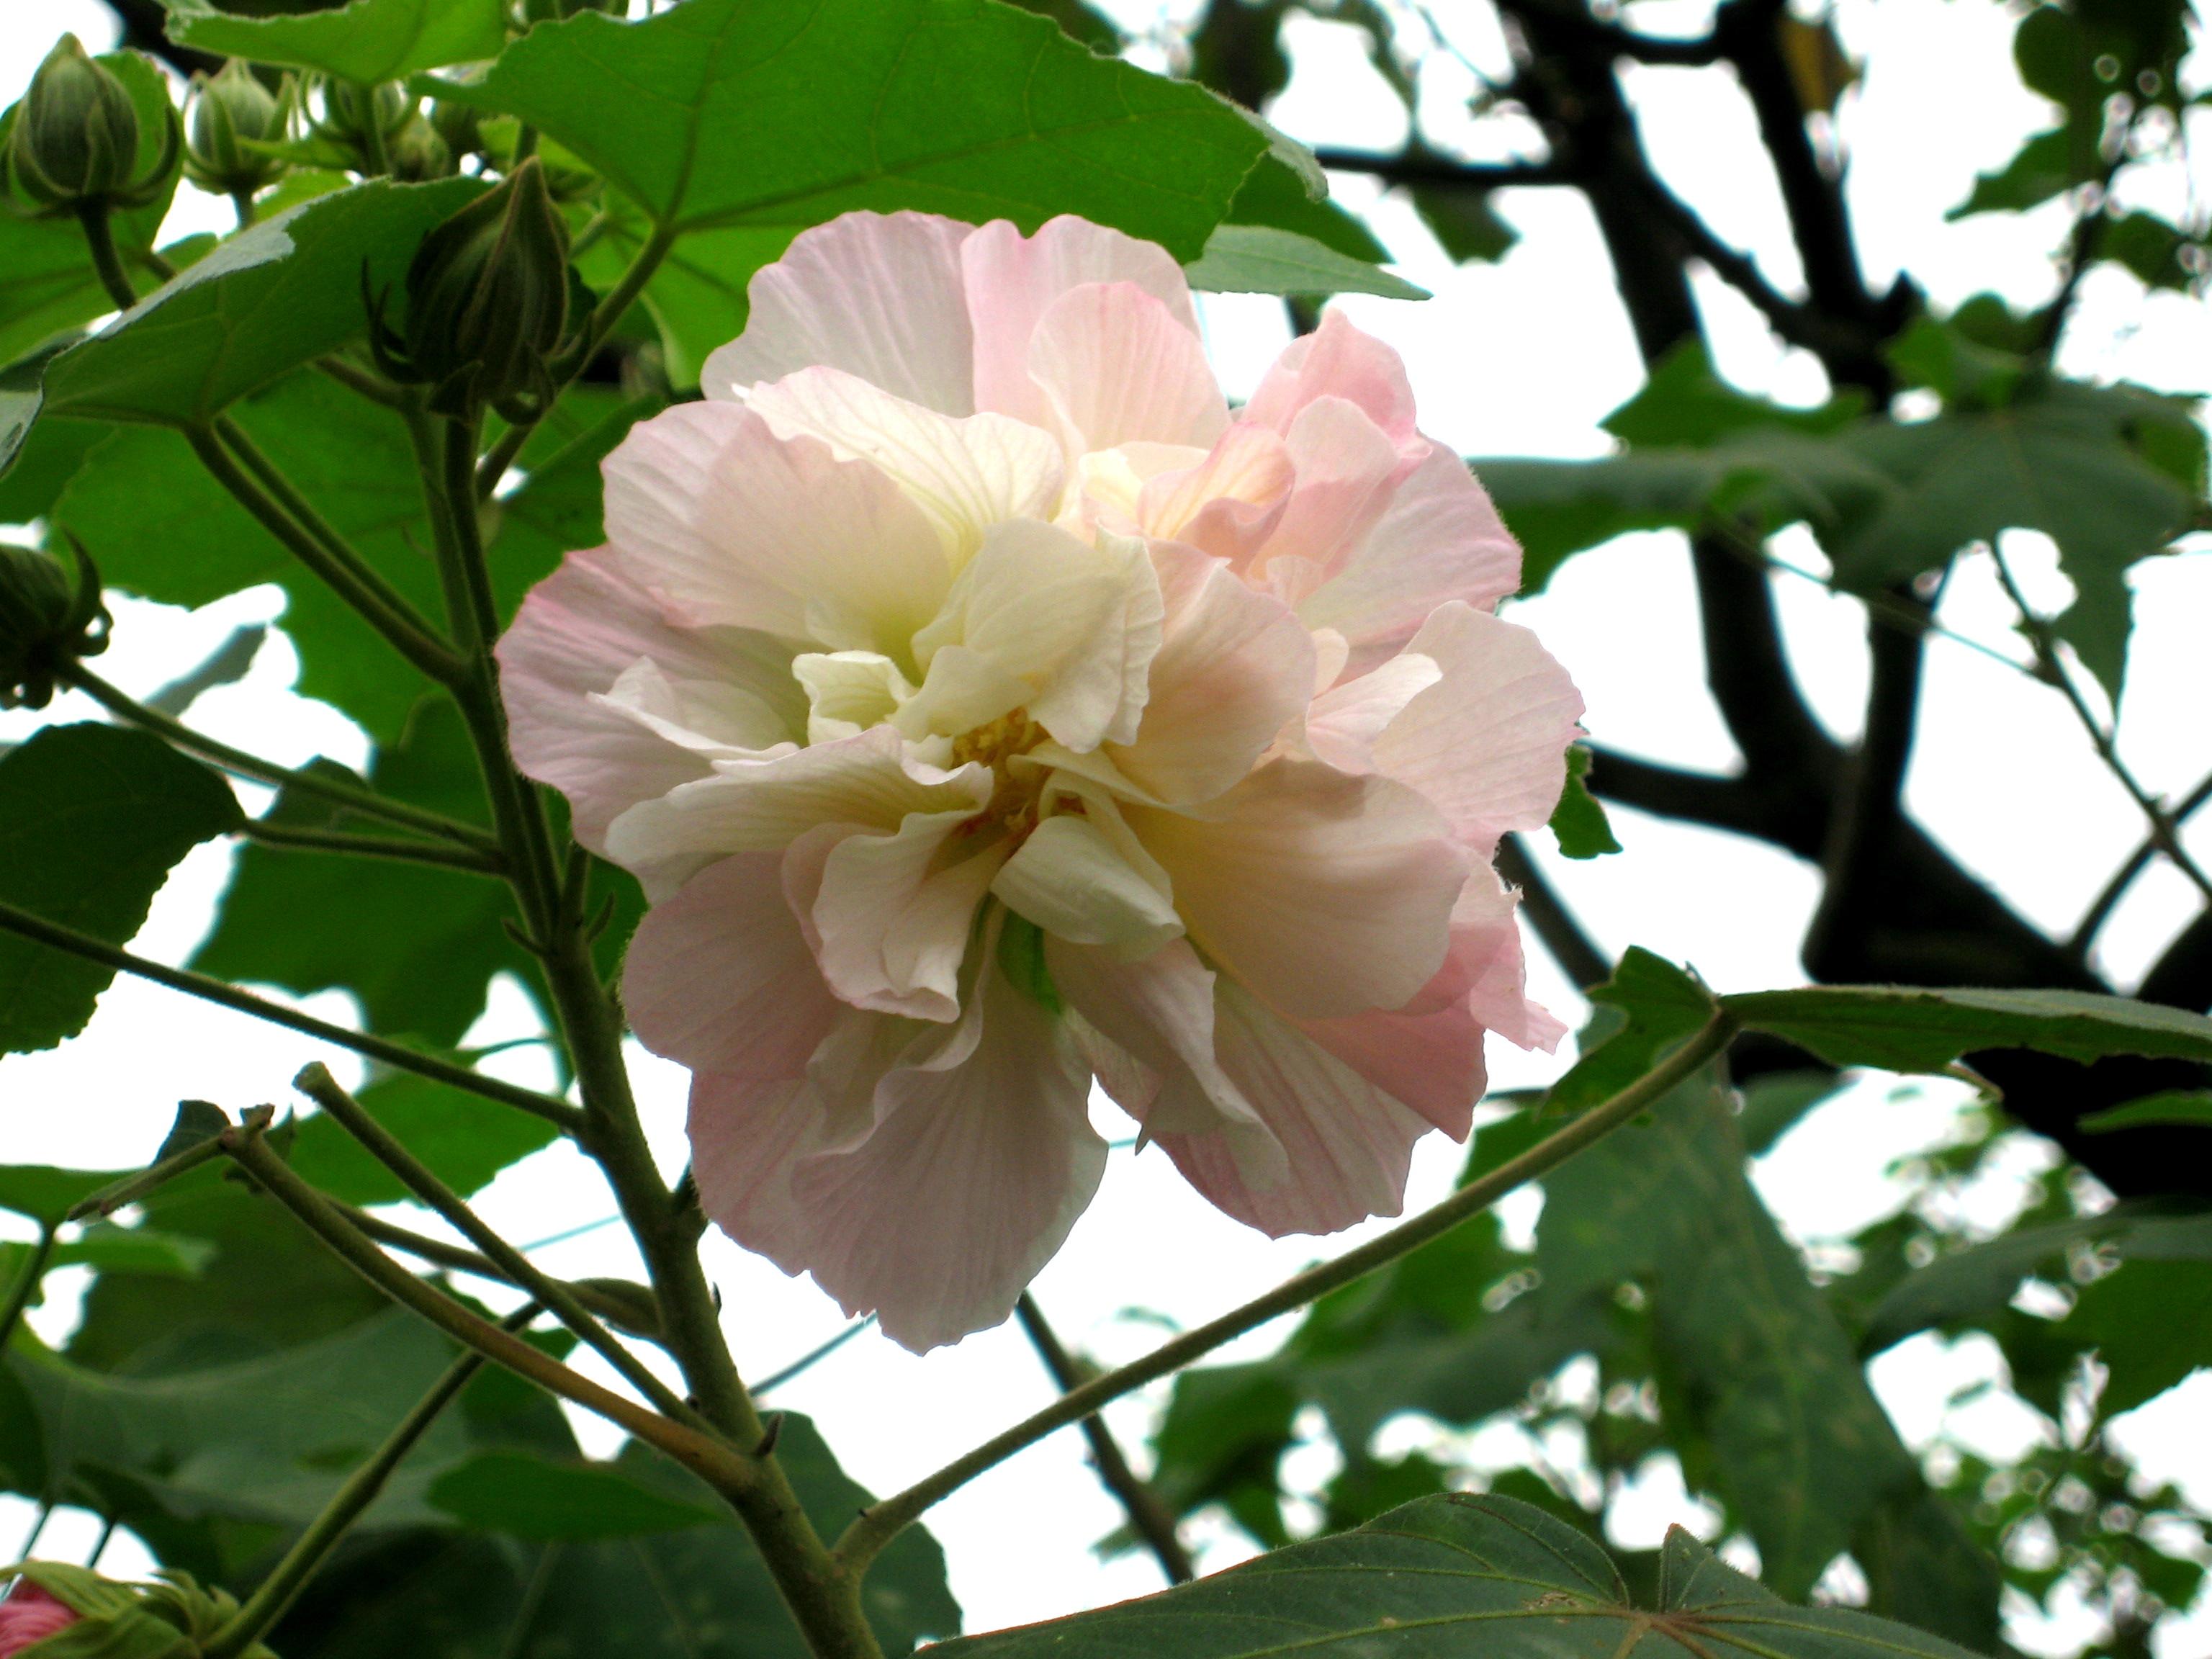 Hình ảnh cành hoa Phù Dung đẹp